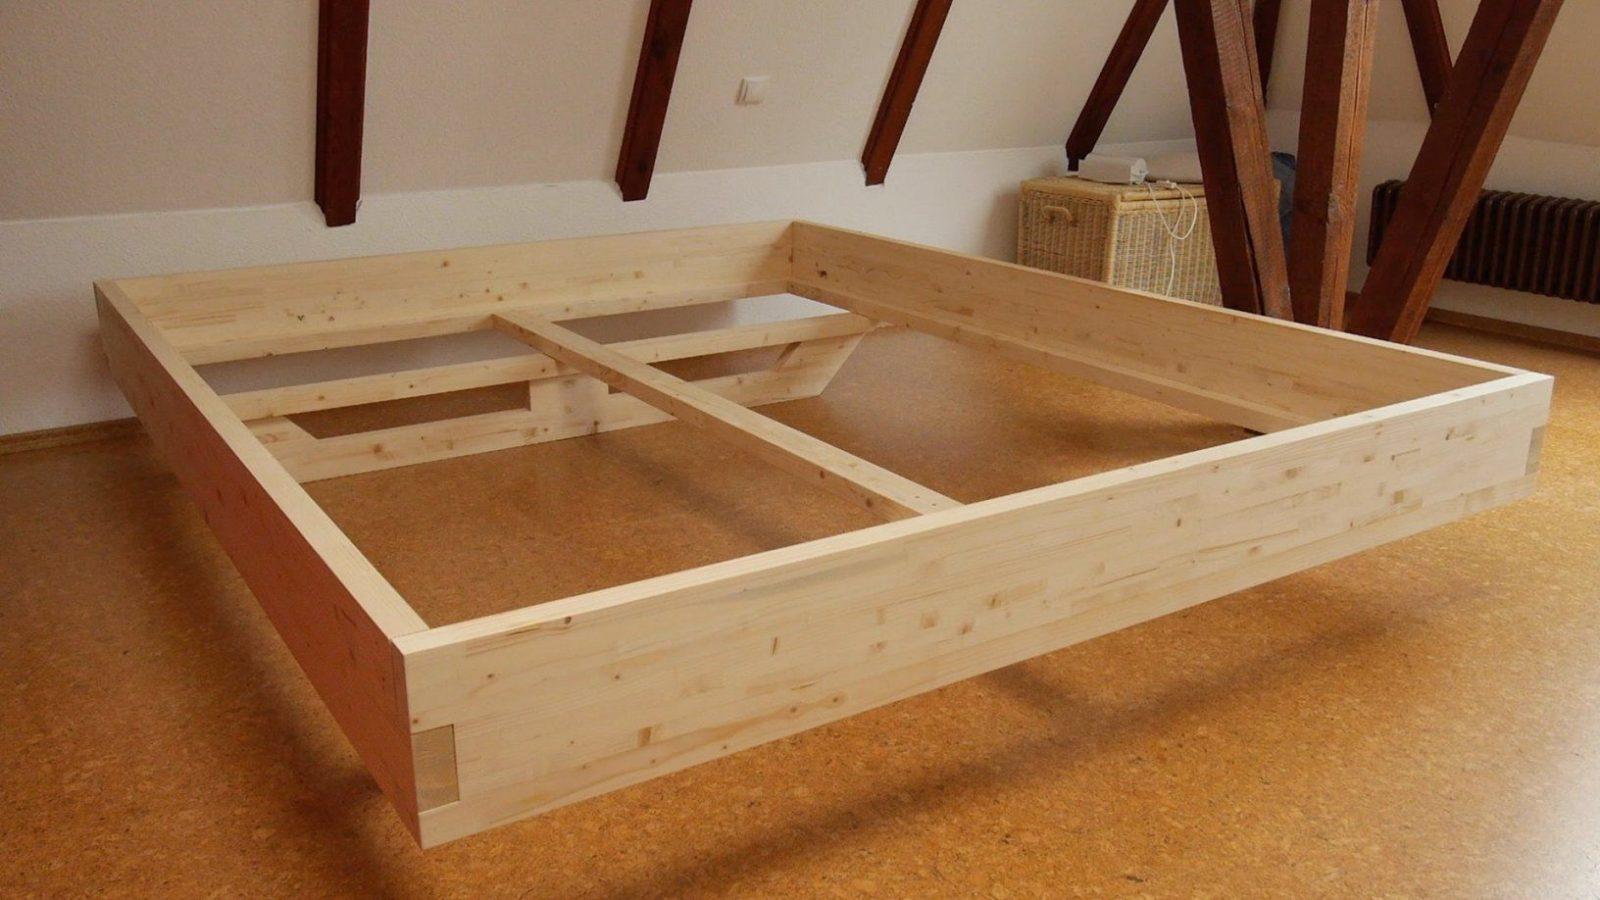 Diy Massivholzbett Selber Bauen  Youtube von Bett Aus Balken Bauen Photo